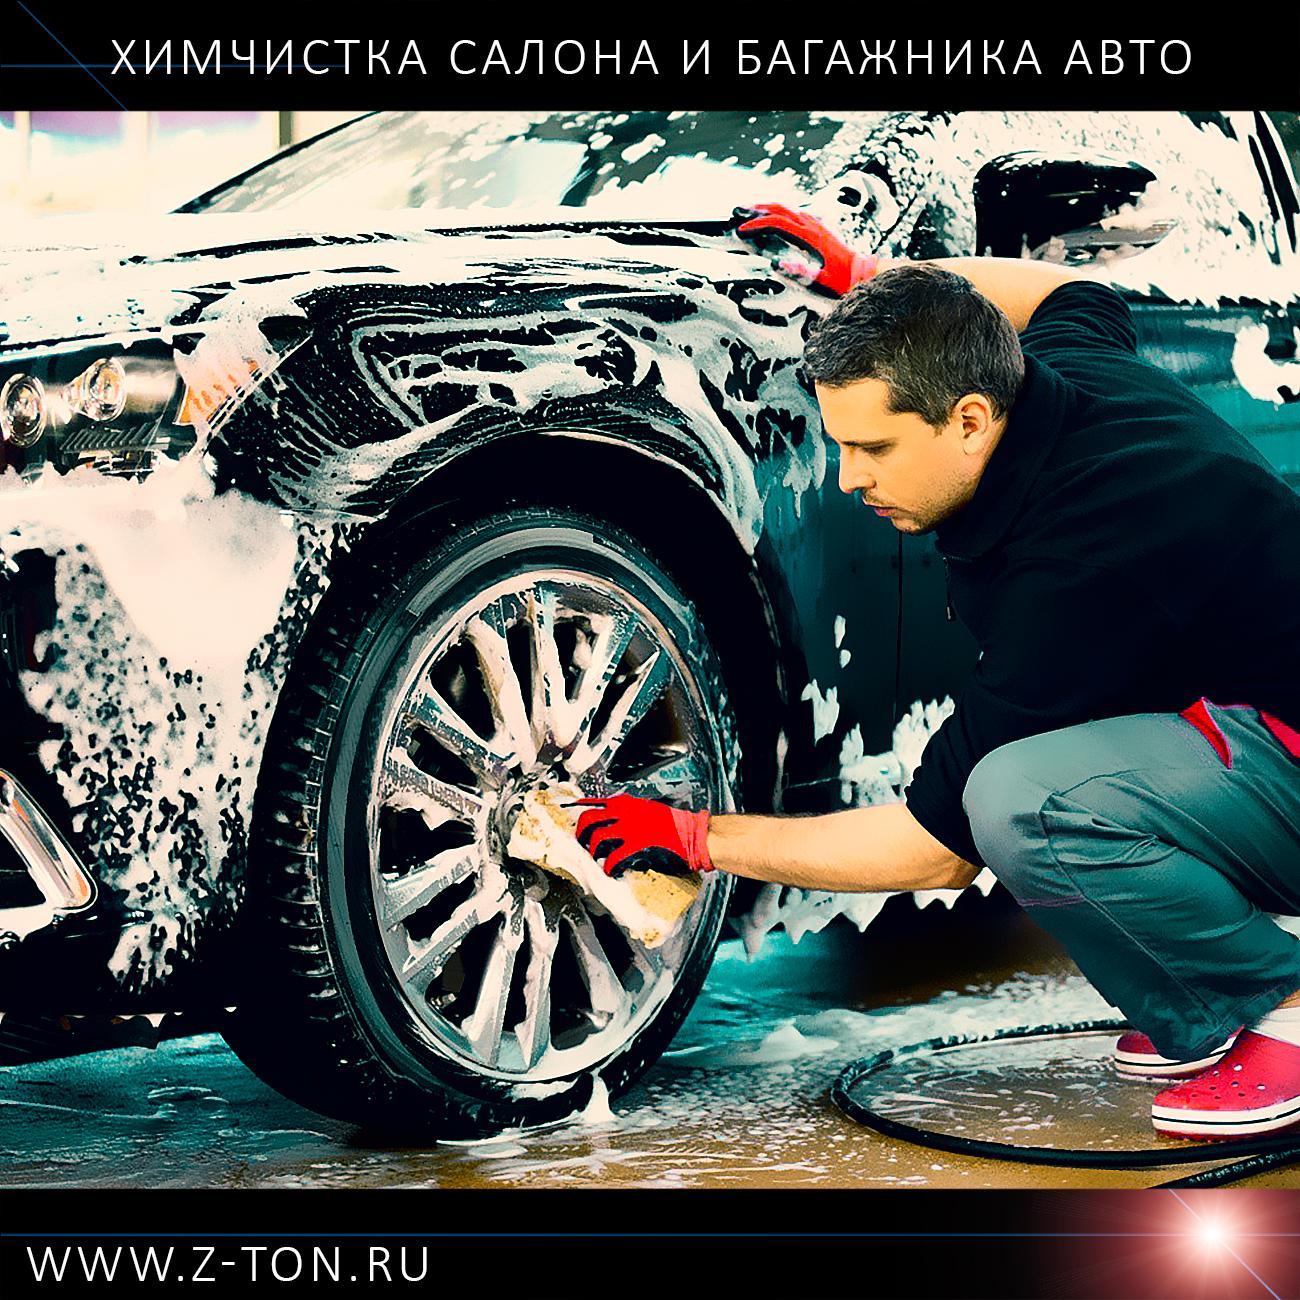 Профессиональная химчистка автомобиля в Зеленограде